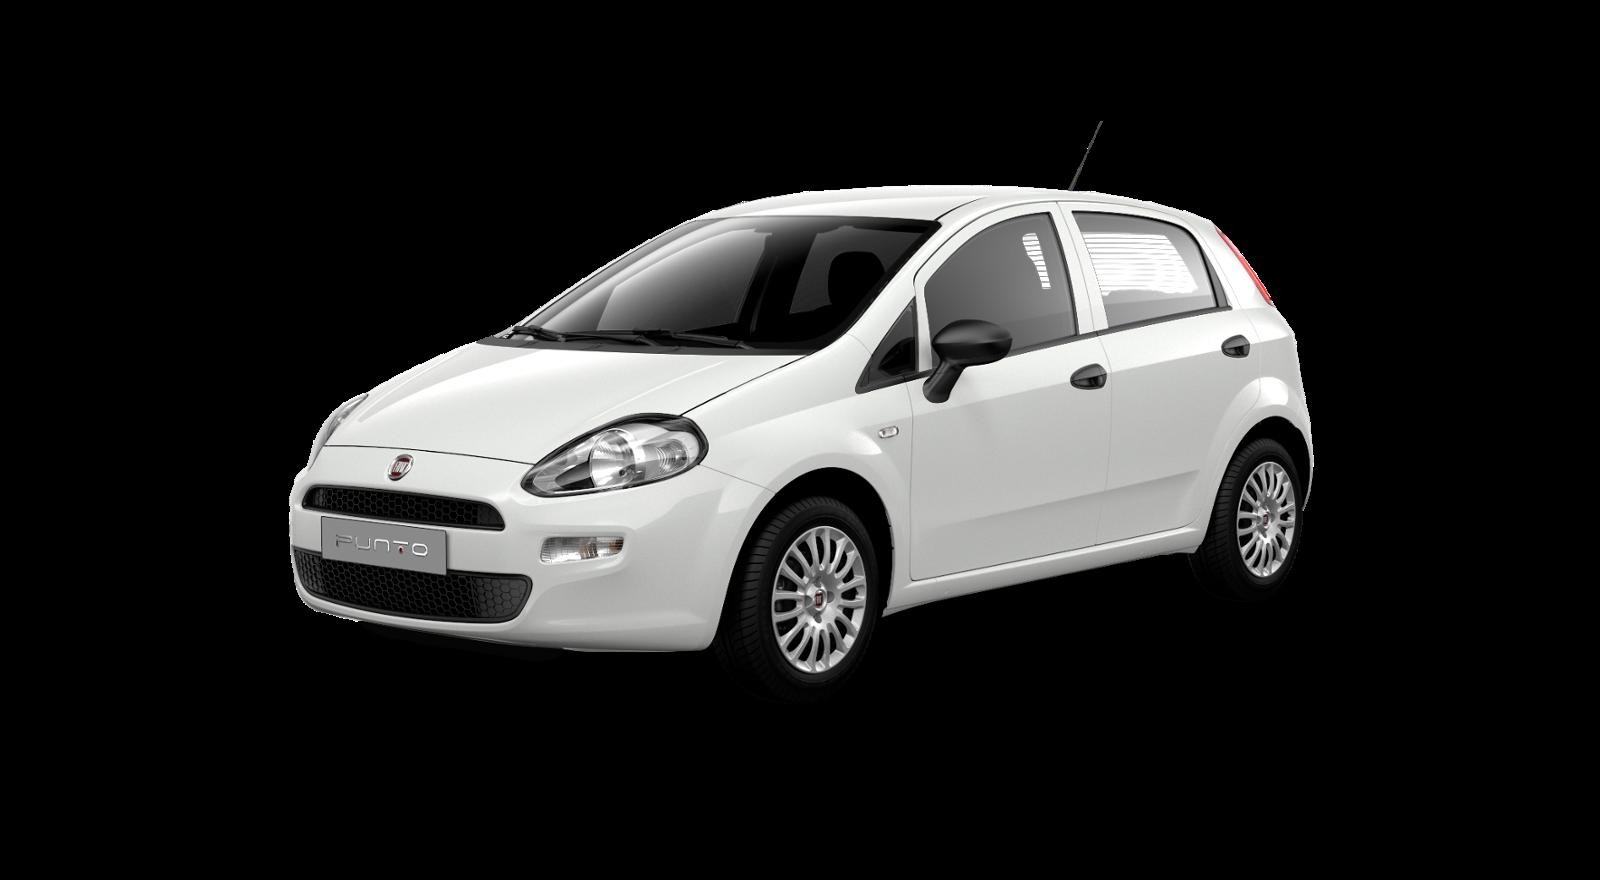 Fiat Grande Punto Evo (09-12)